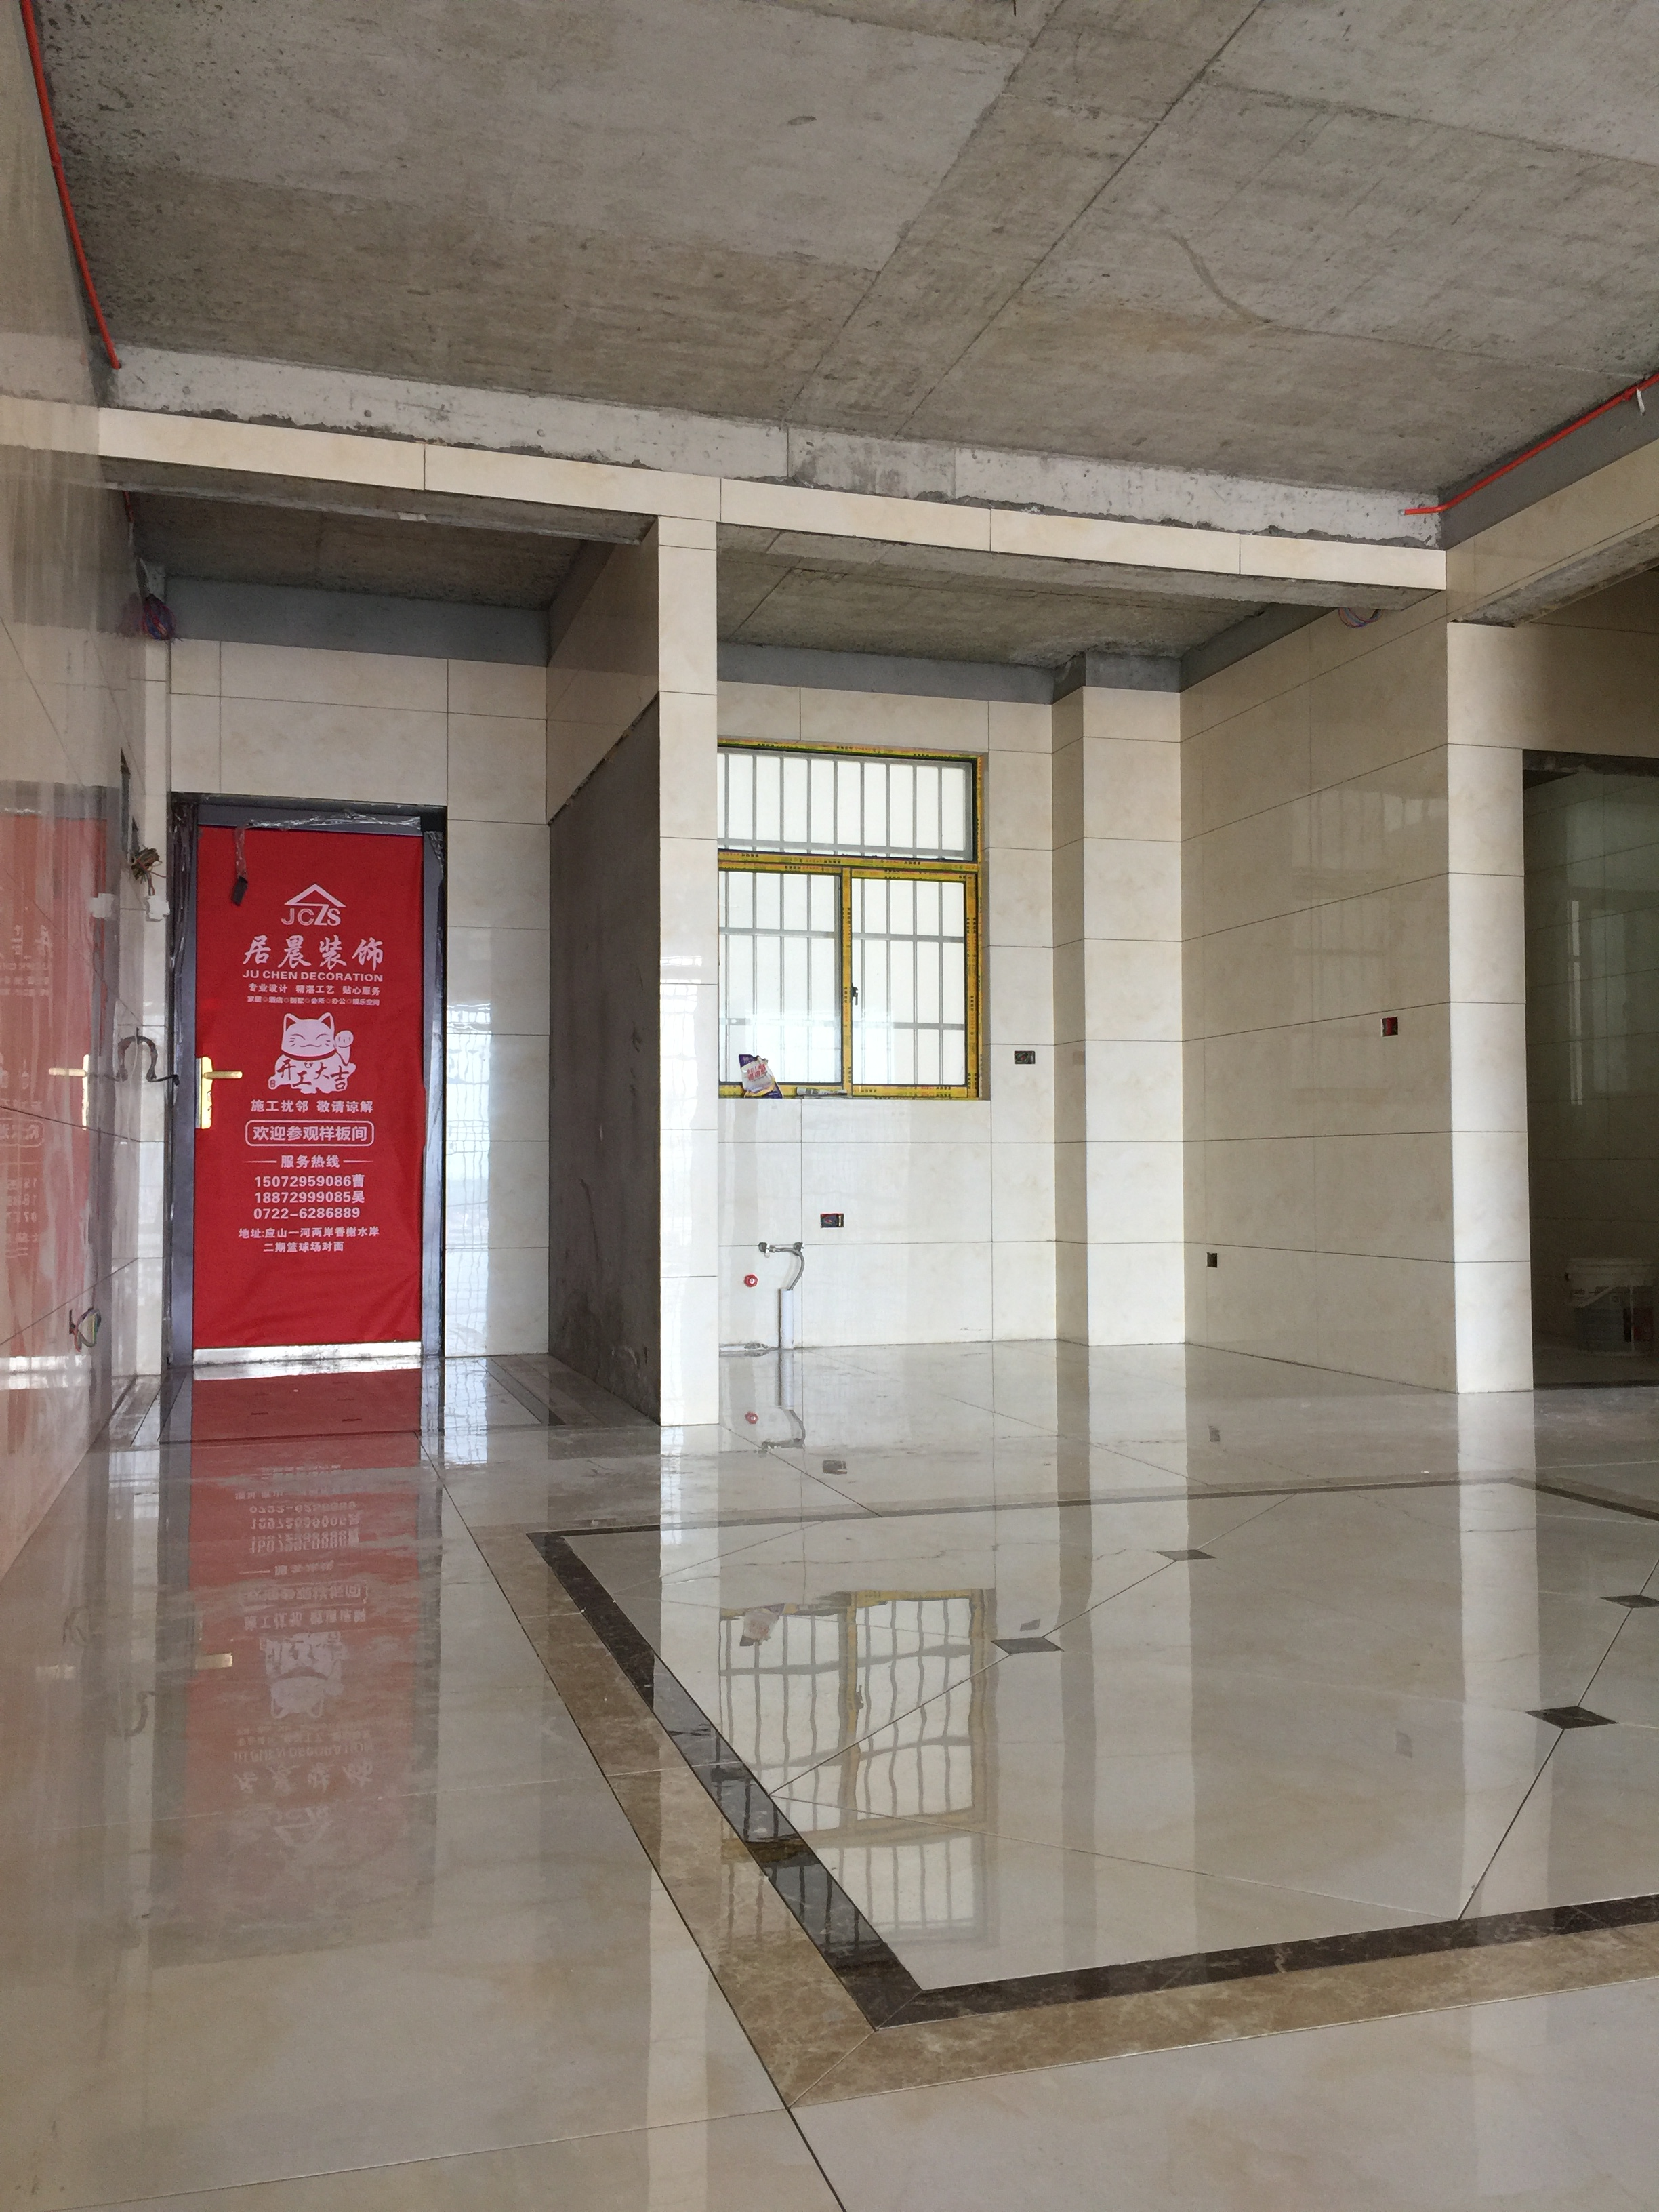 欧式 简约 小资 餐厅图片来自广水市居晨装饰在福锦 张府雅居的分享